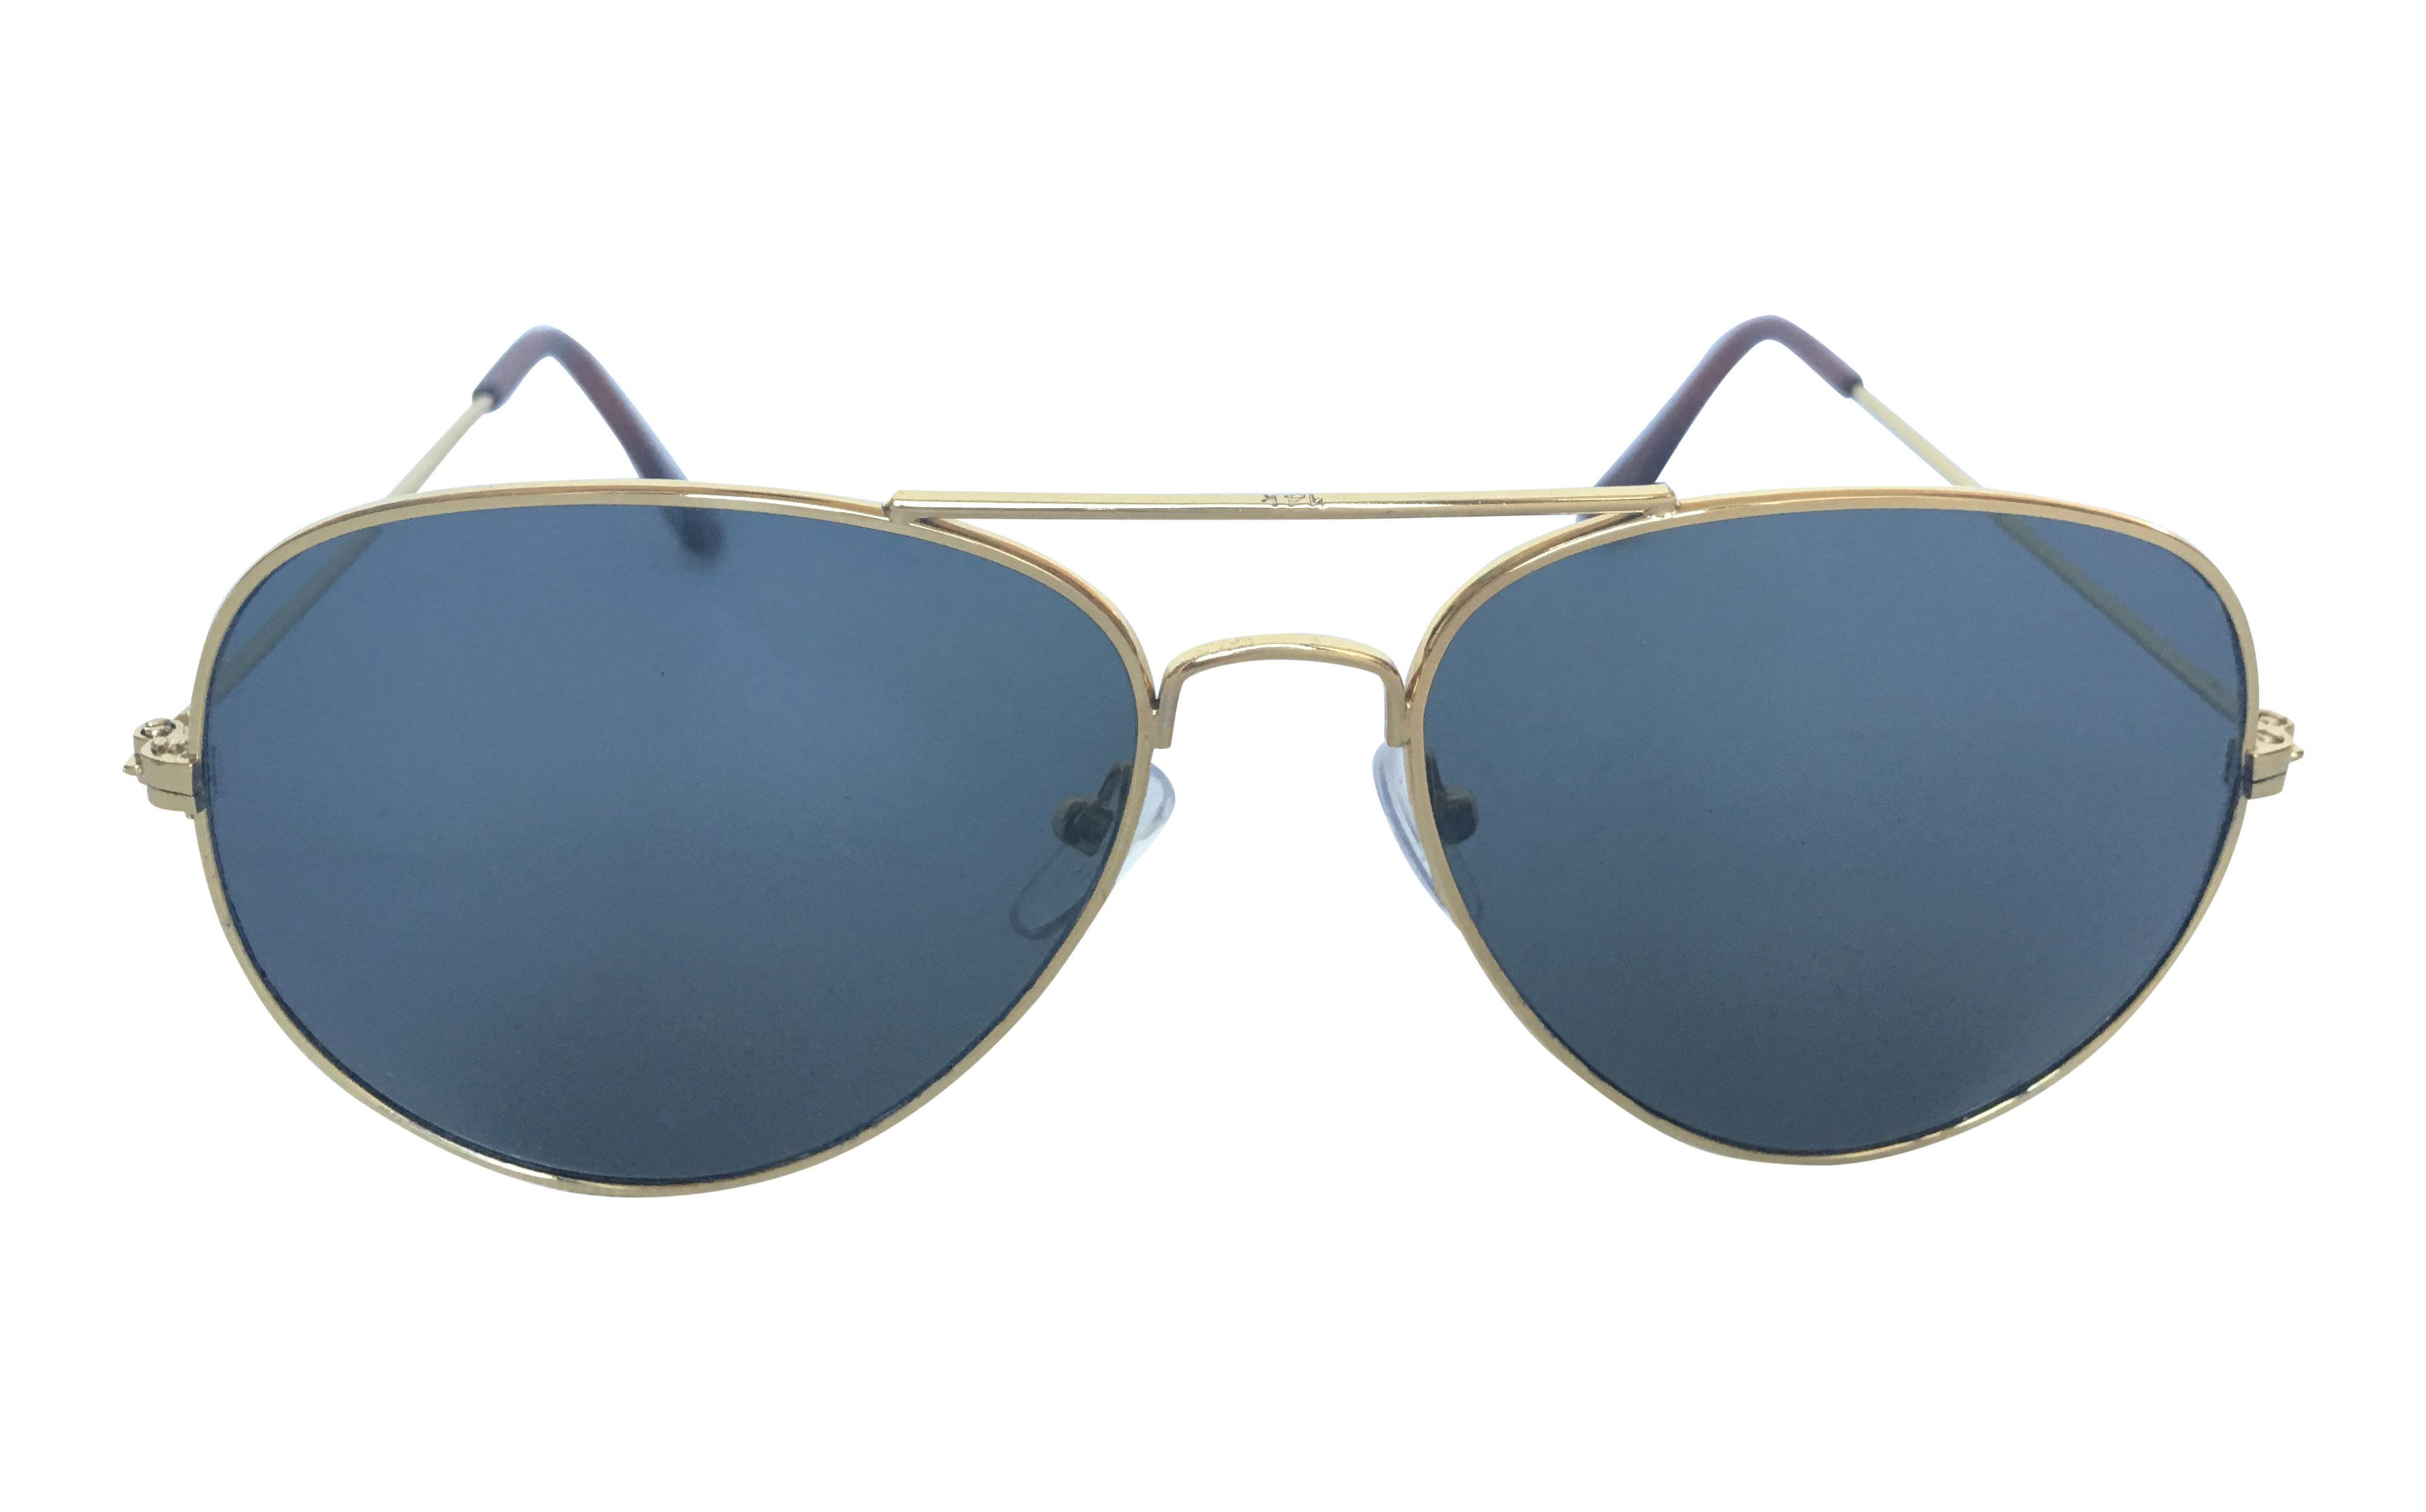 32719fe4c309 Billiga solglasögon online - Sveriges största och billigaste ...